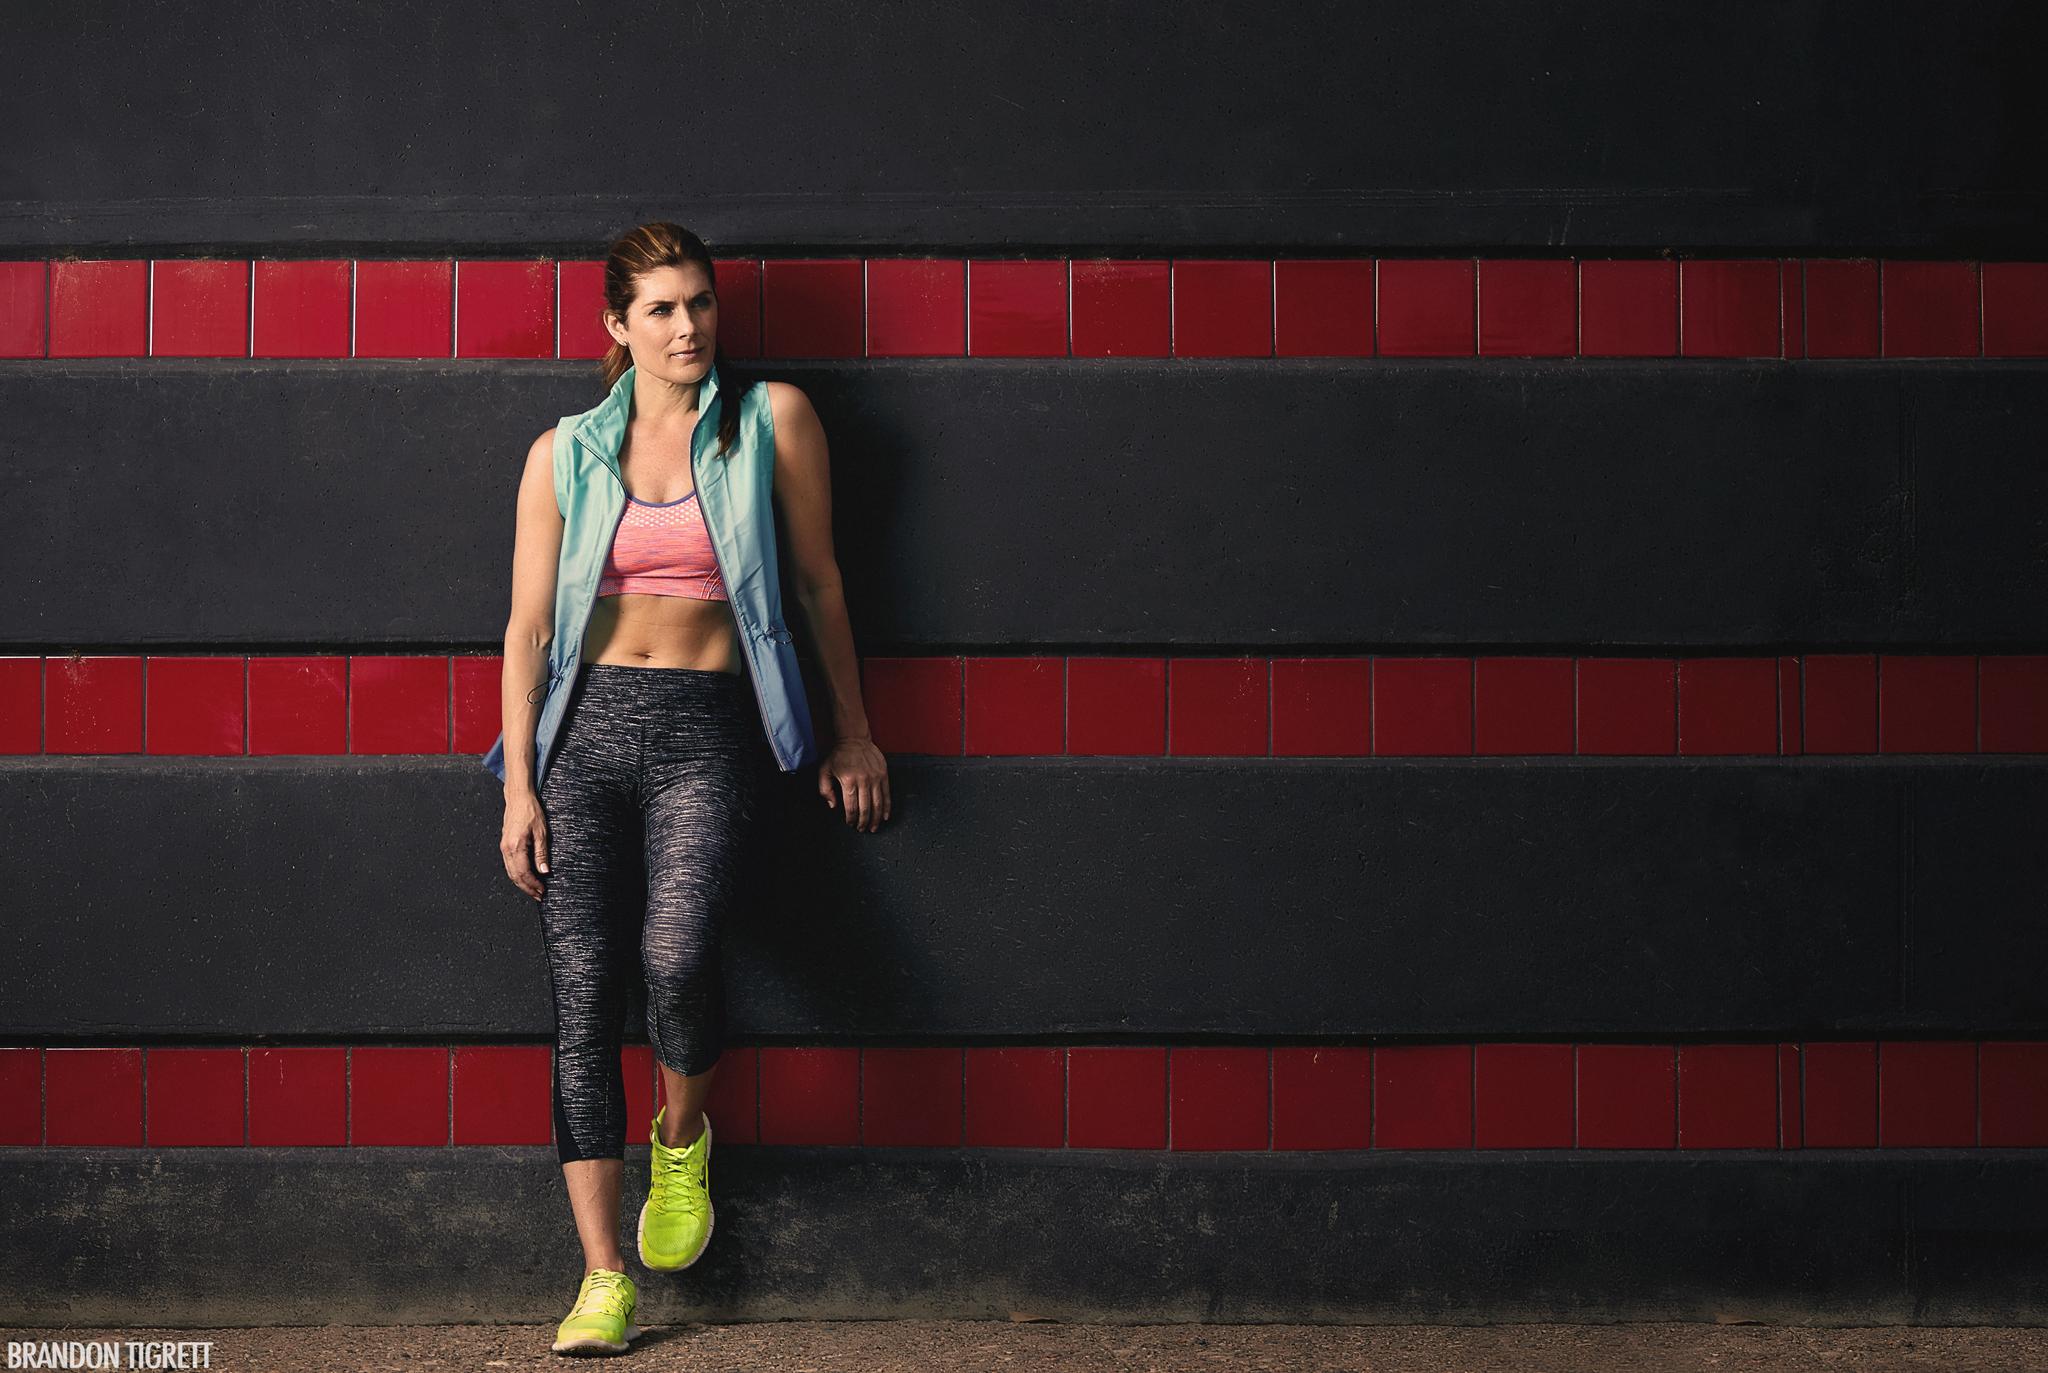 2015_Brandon-Tigrett_Scottsdale_Julie-Stevens_Fitness-61_Retouched__web.jpg